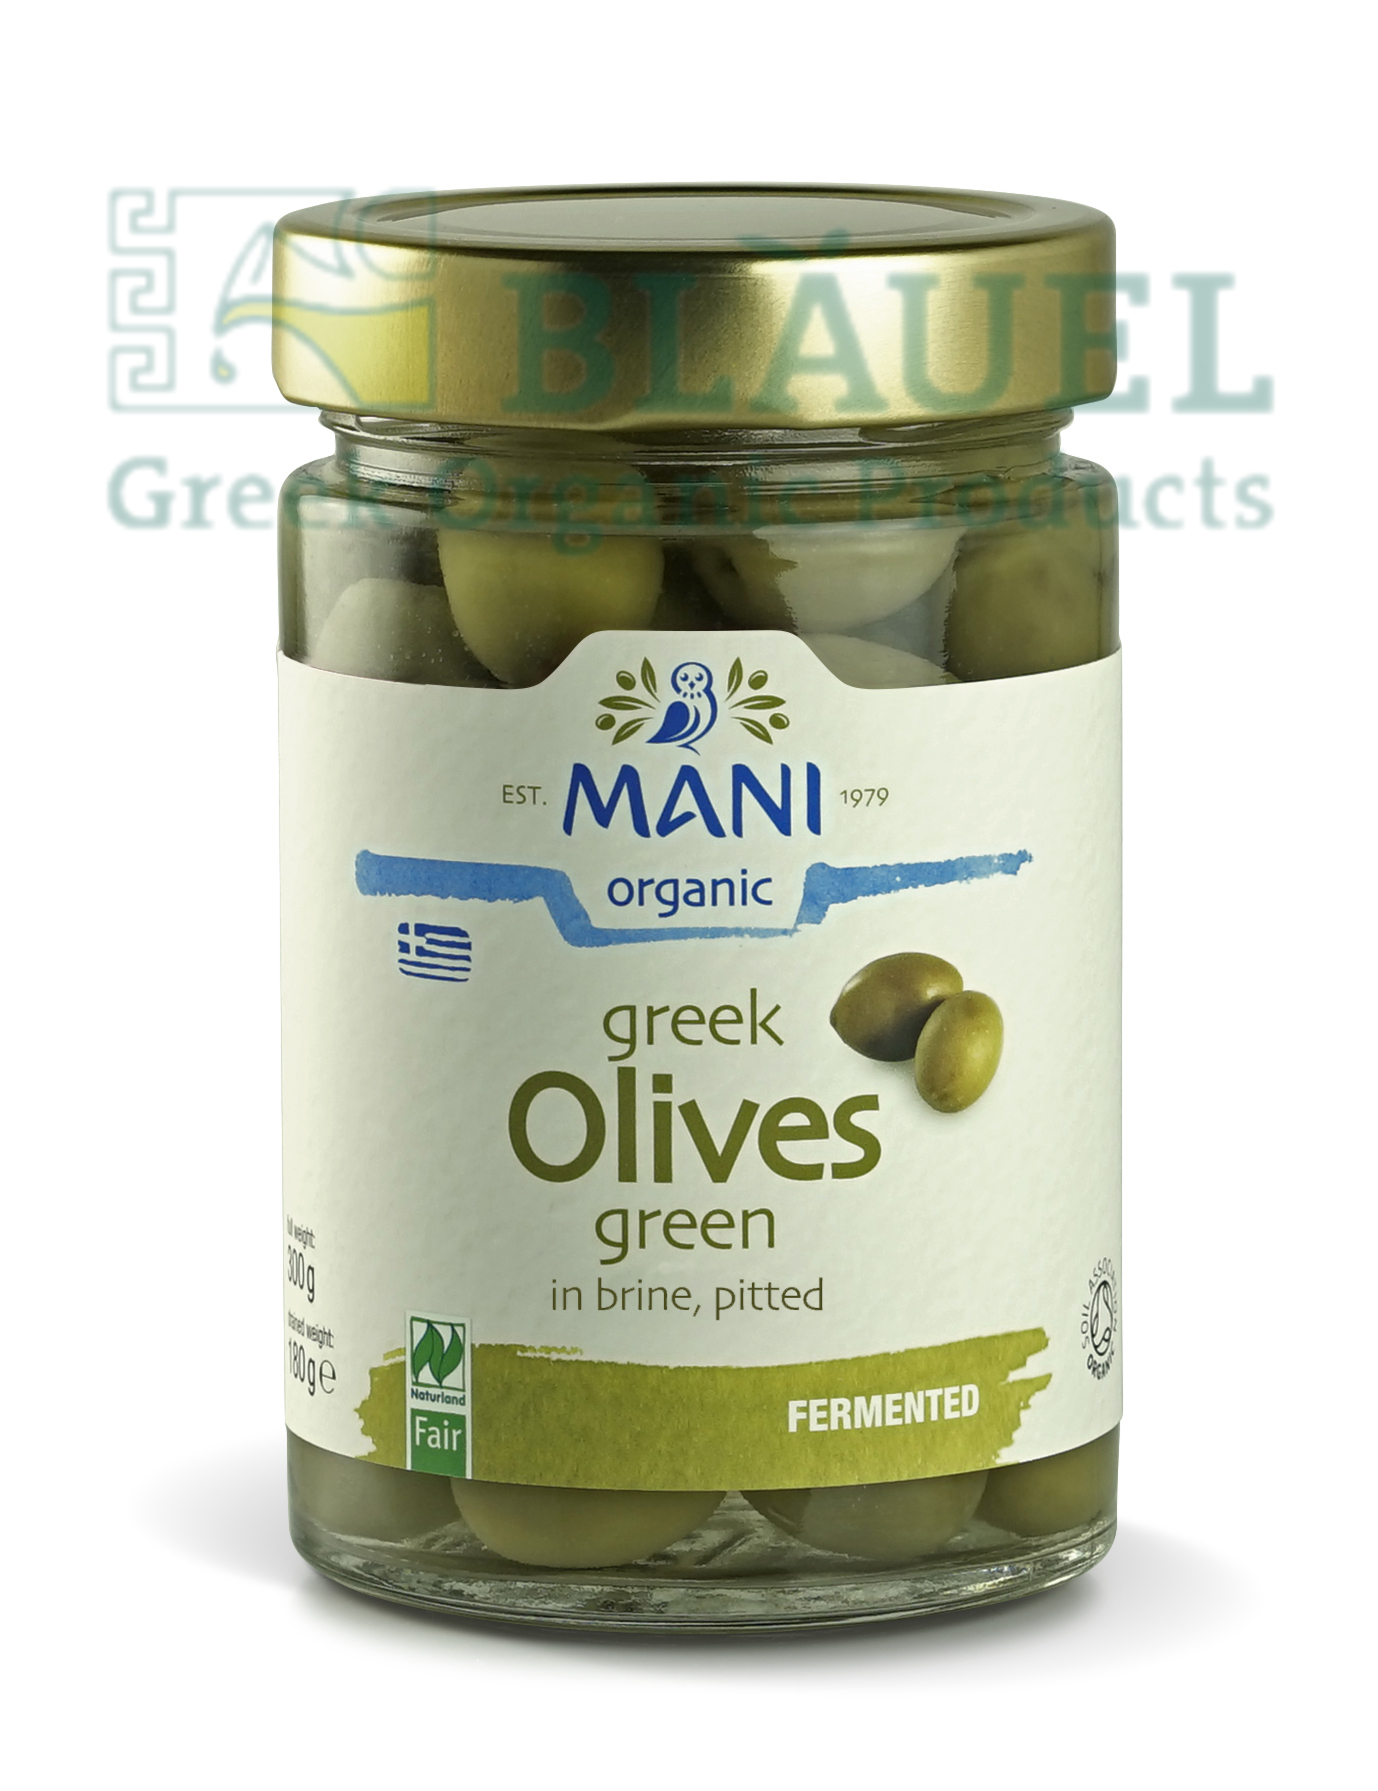 [Mani] Trái Olive Xanh Hữu Cơ (ngâm trong nước muối, đã tách hạt) 280gr